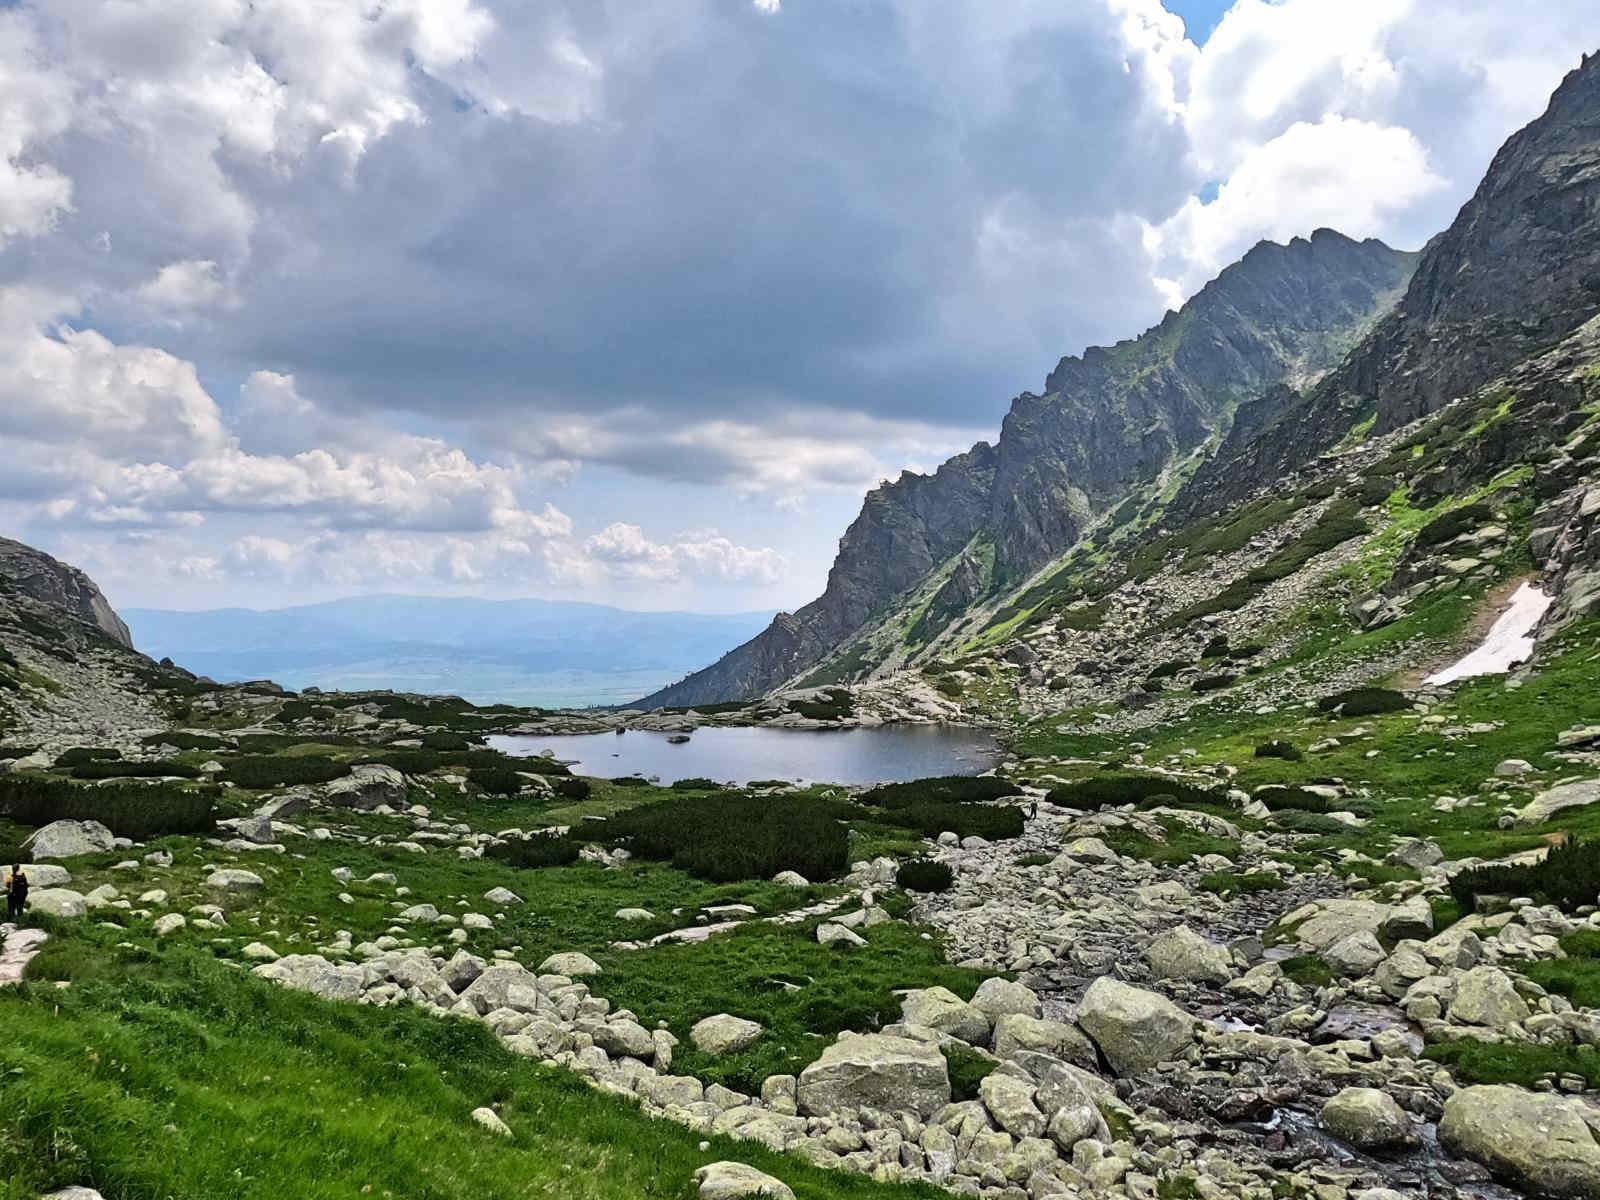 Dolina Młynicka, Staw nad Skokiem